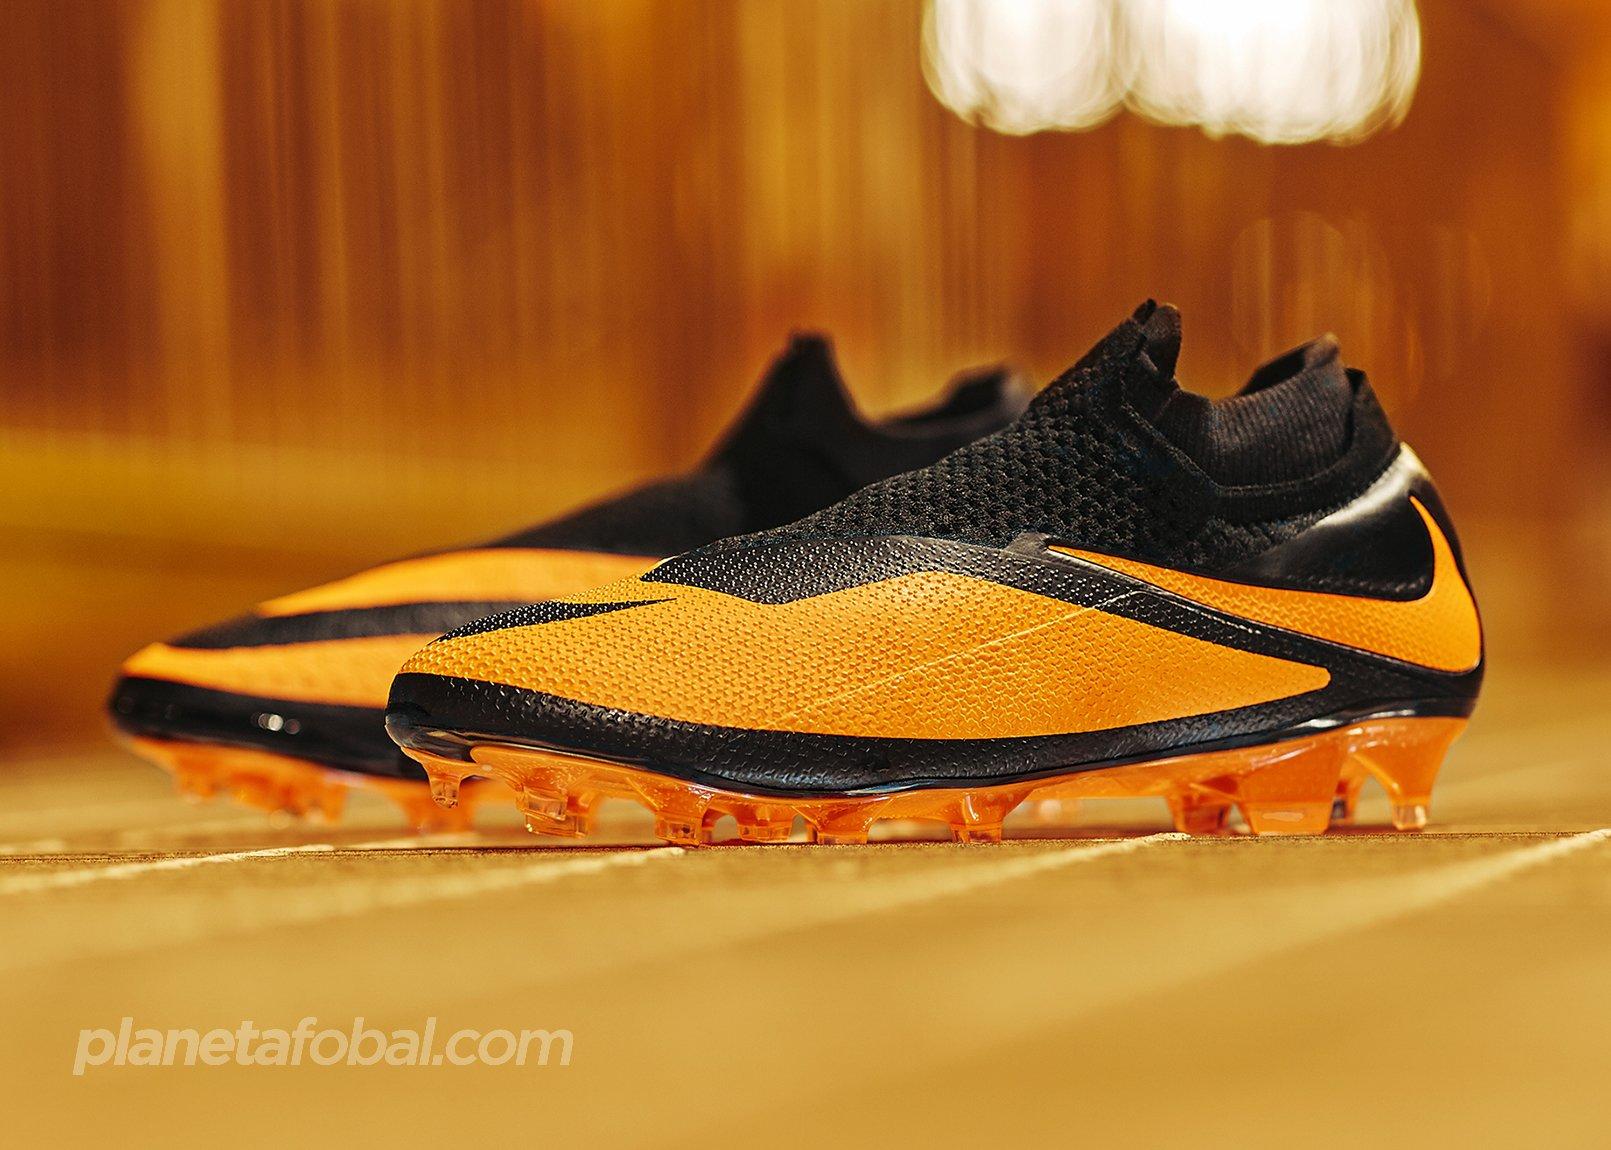 A nueve Brote clase  Botines Nike Phantom VSN 2 «Future DNA Hypervenom»